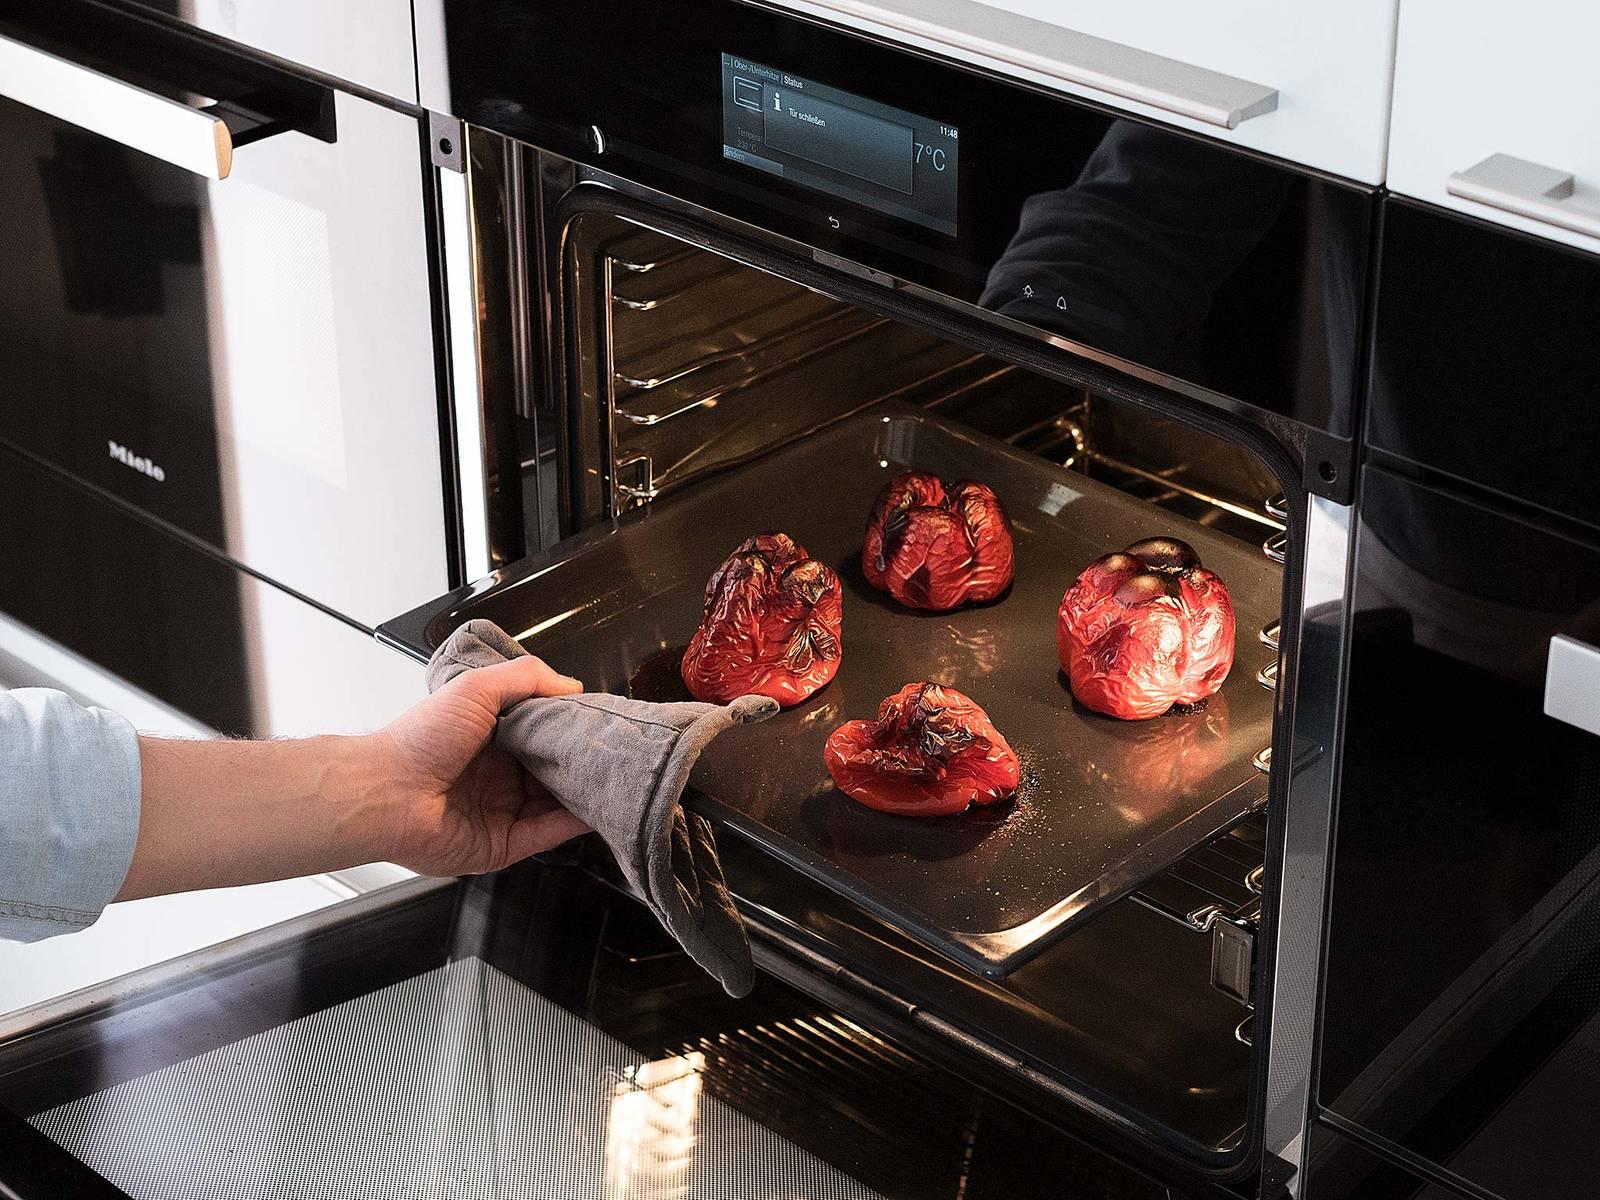 Backofen auf 230°C vorheizen. Rote Paprikaschoten auf ein Backblech setzen und für ca. 30 Min. in den vorgeheizten Backofen geben, bzw. bis die Paprikaschoten weich werden und Blasen werfen. Aus dem Backofen nehmen und einige Minuten abkühlen lassen.